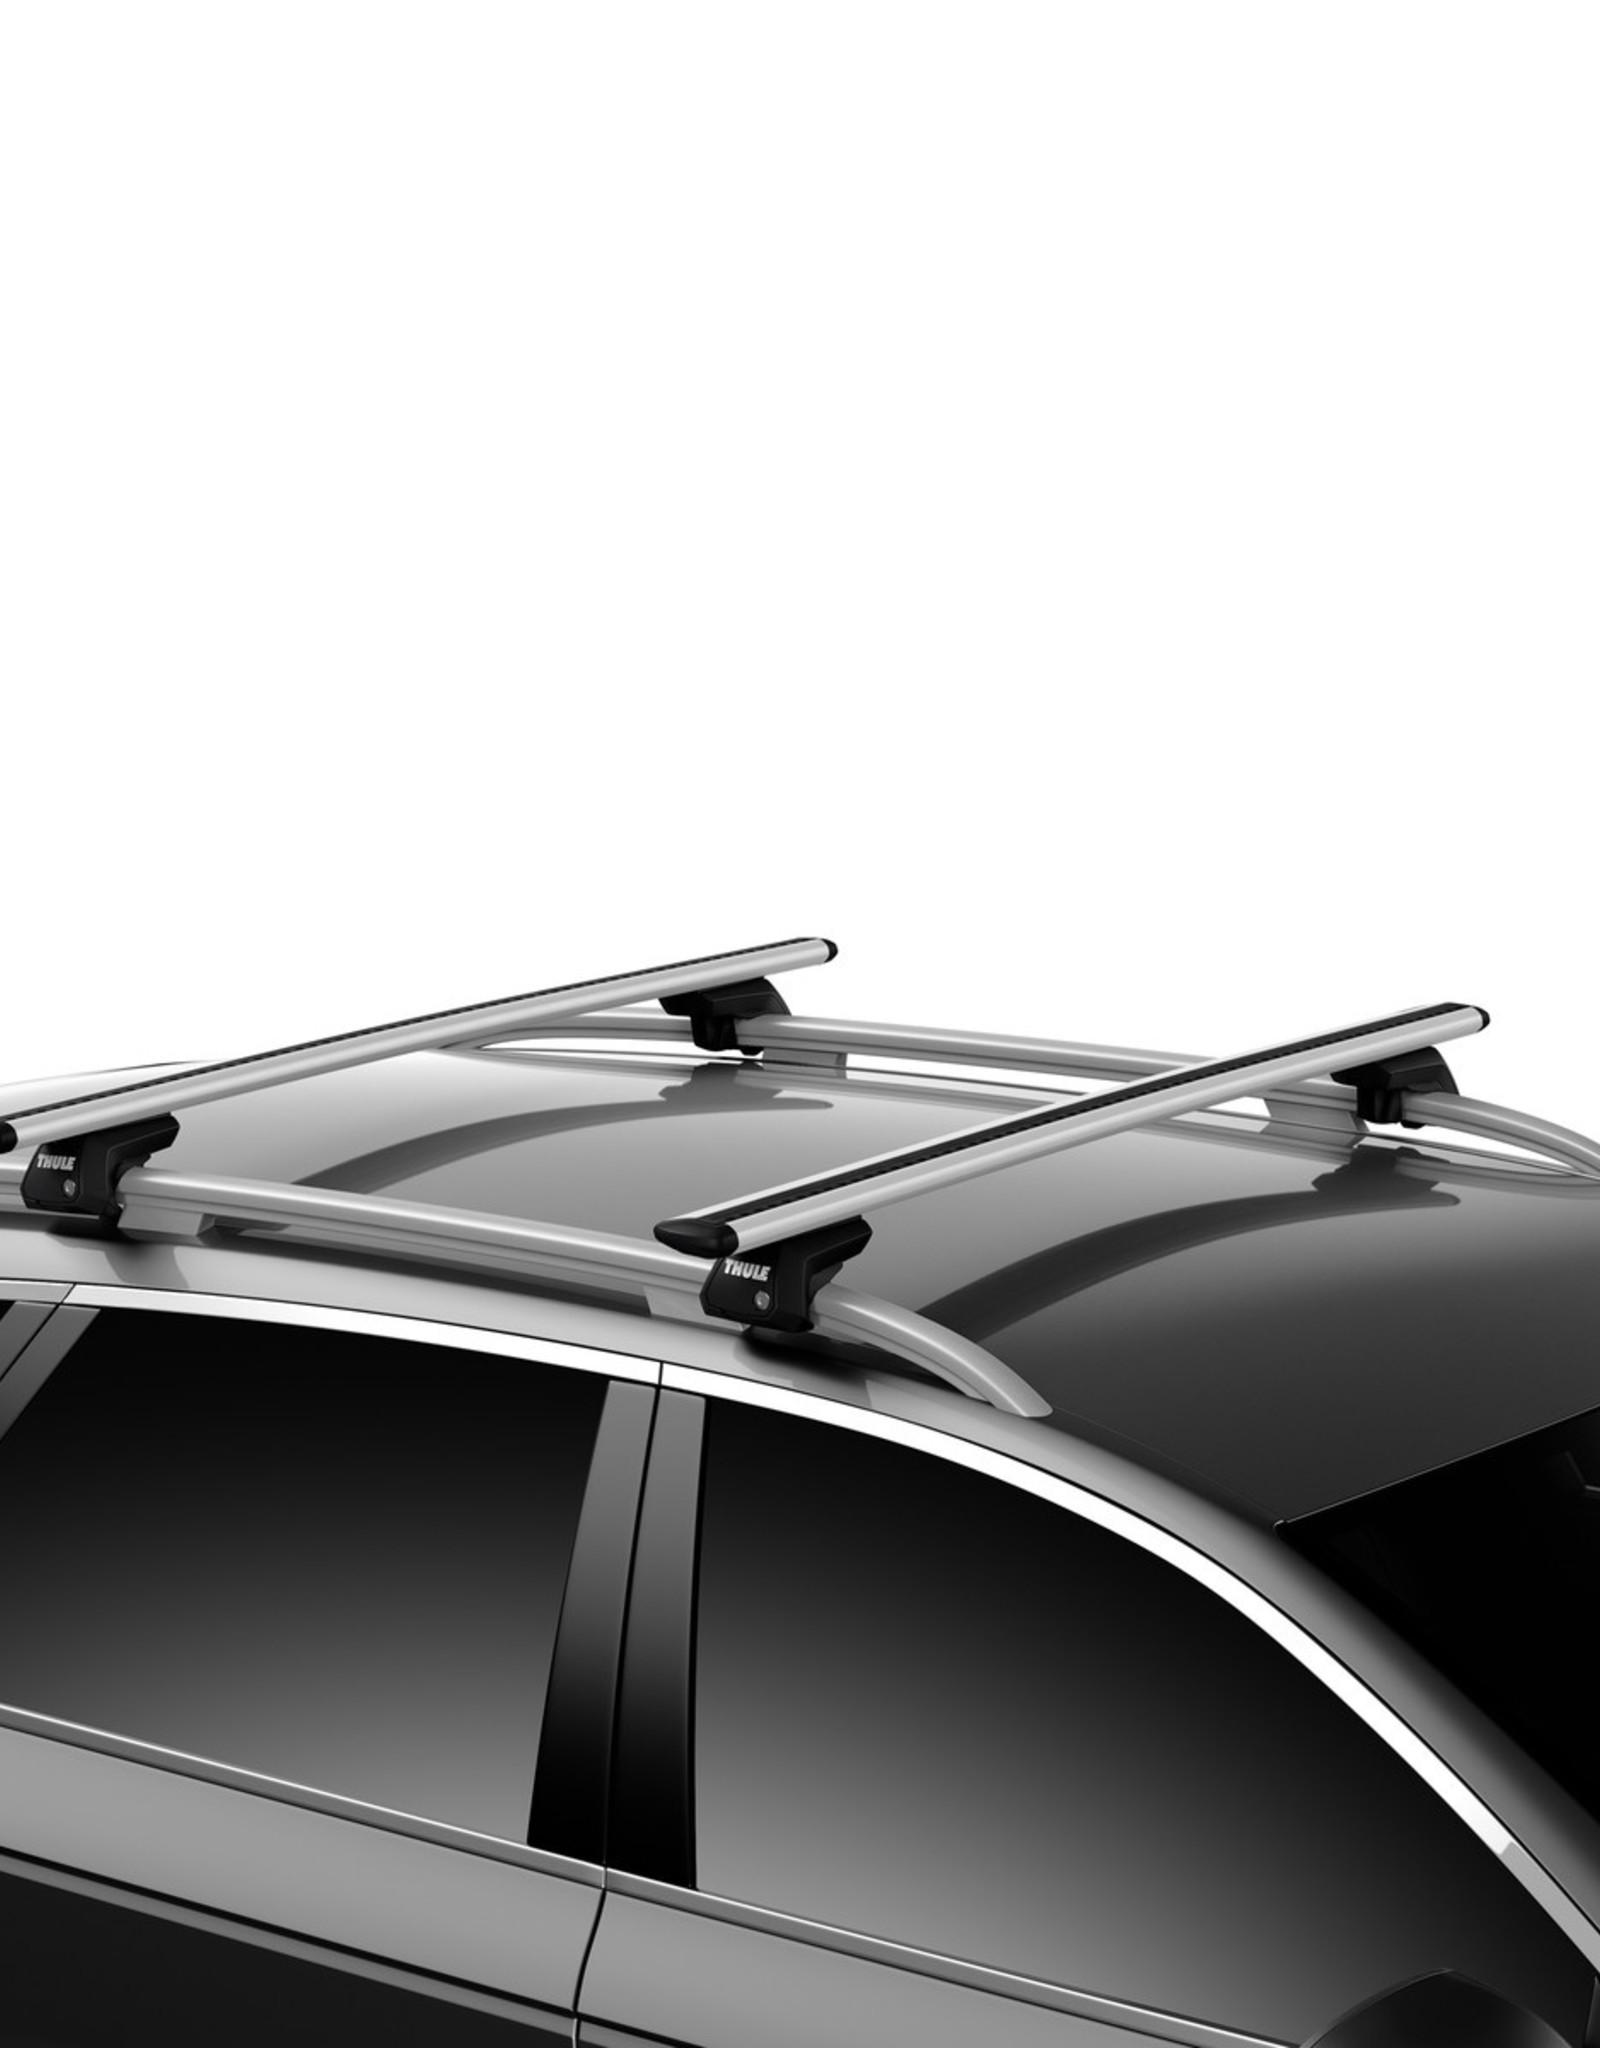 Thule Thule Wingbar Evo 2 Pack Aero Load Bars